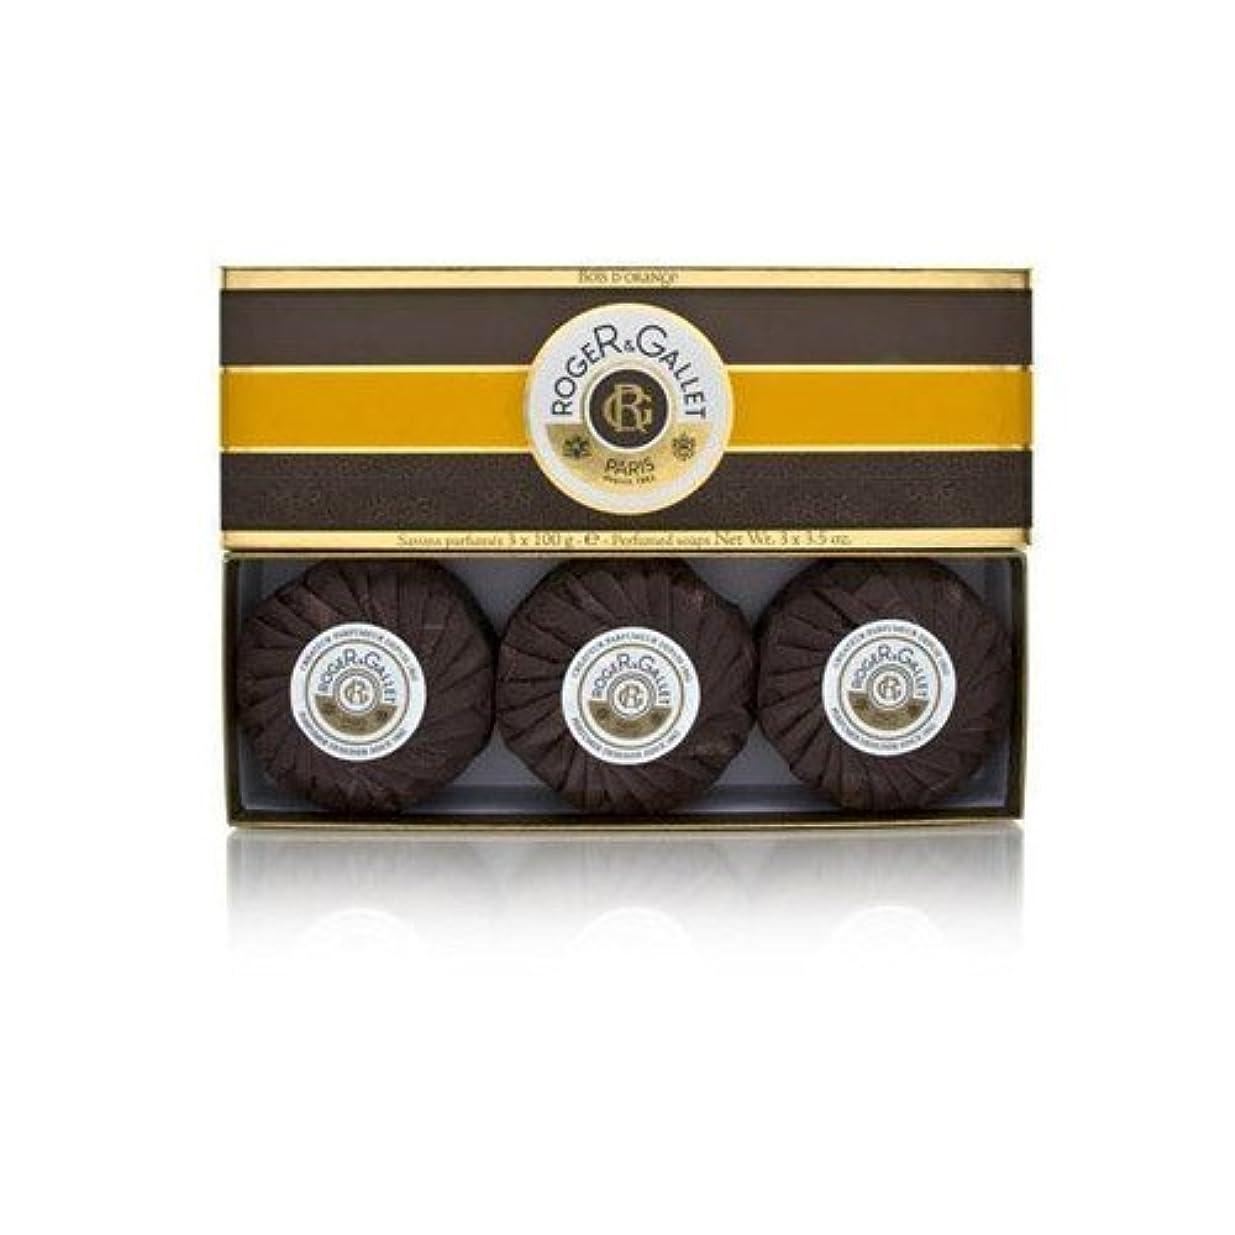 見える歌受け入れたロジェガレ ボワ ドランジュ (オレンジツリー) 香水石鹸3個セット ROGER&GALLET BOIS D'ORANGE PERFUMED SOAP [0161]